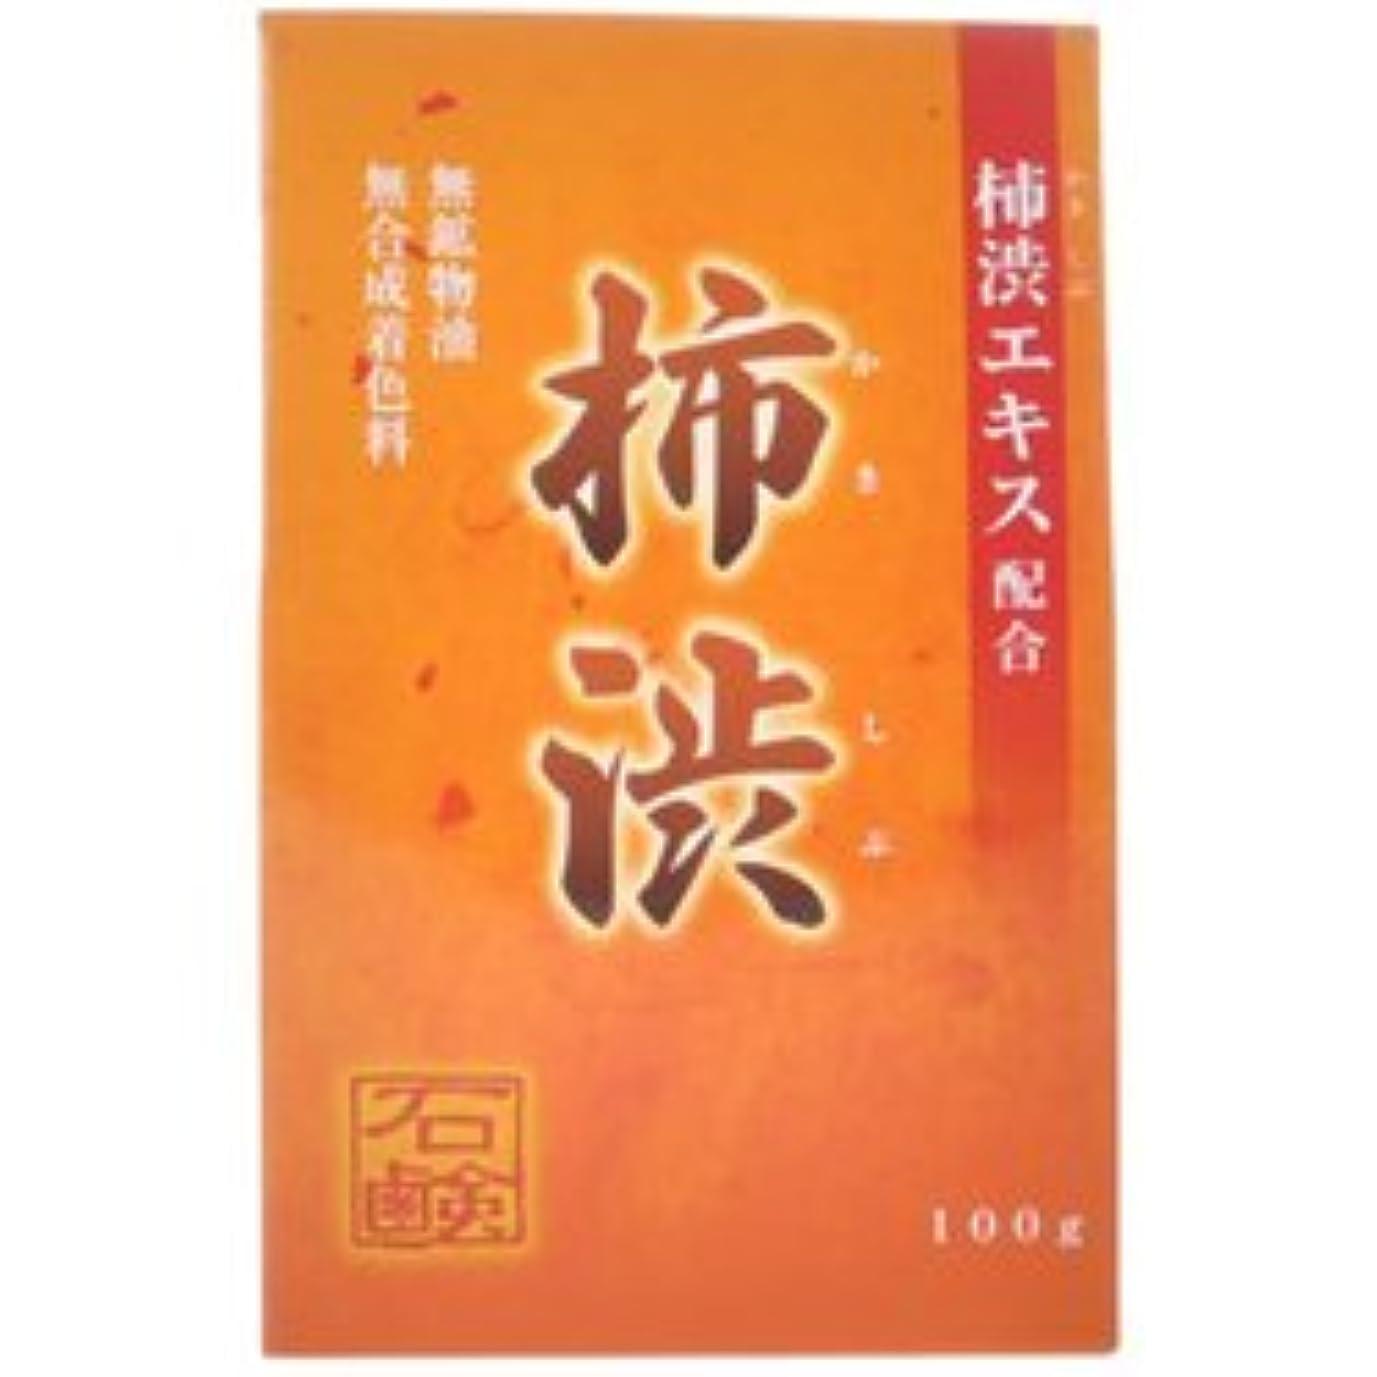 引き付けるテープすき【アール?エイチ?ビープロダクト】新 柿渋石鹸 100g ×3個セット